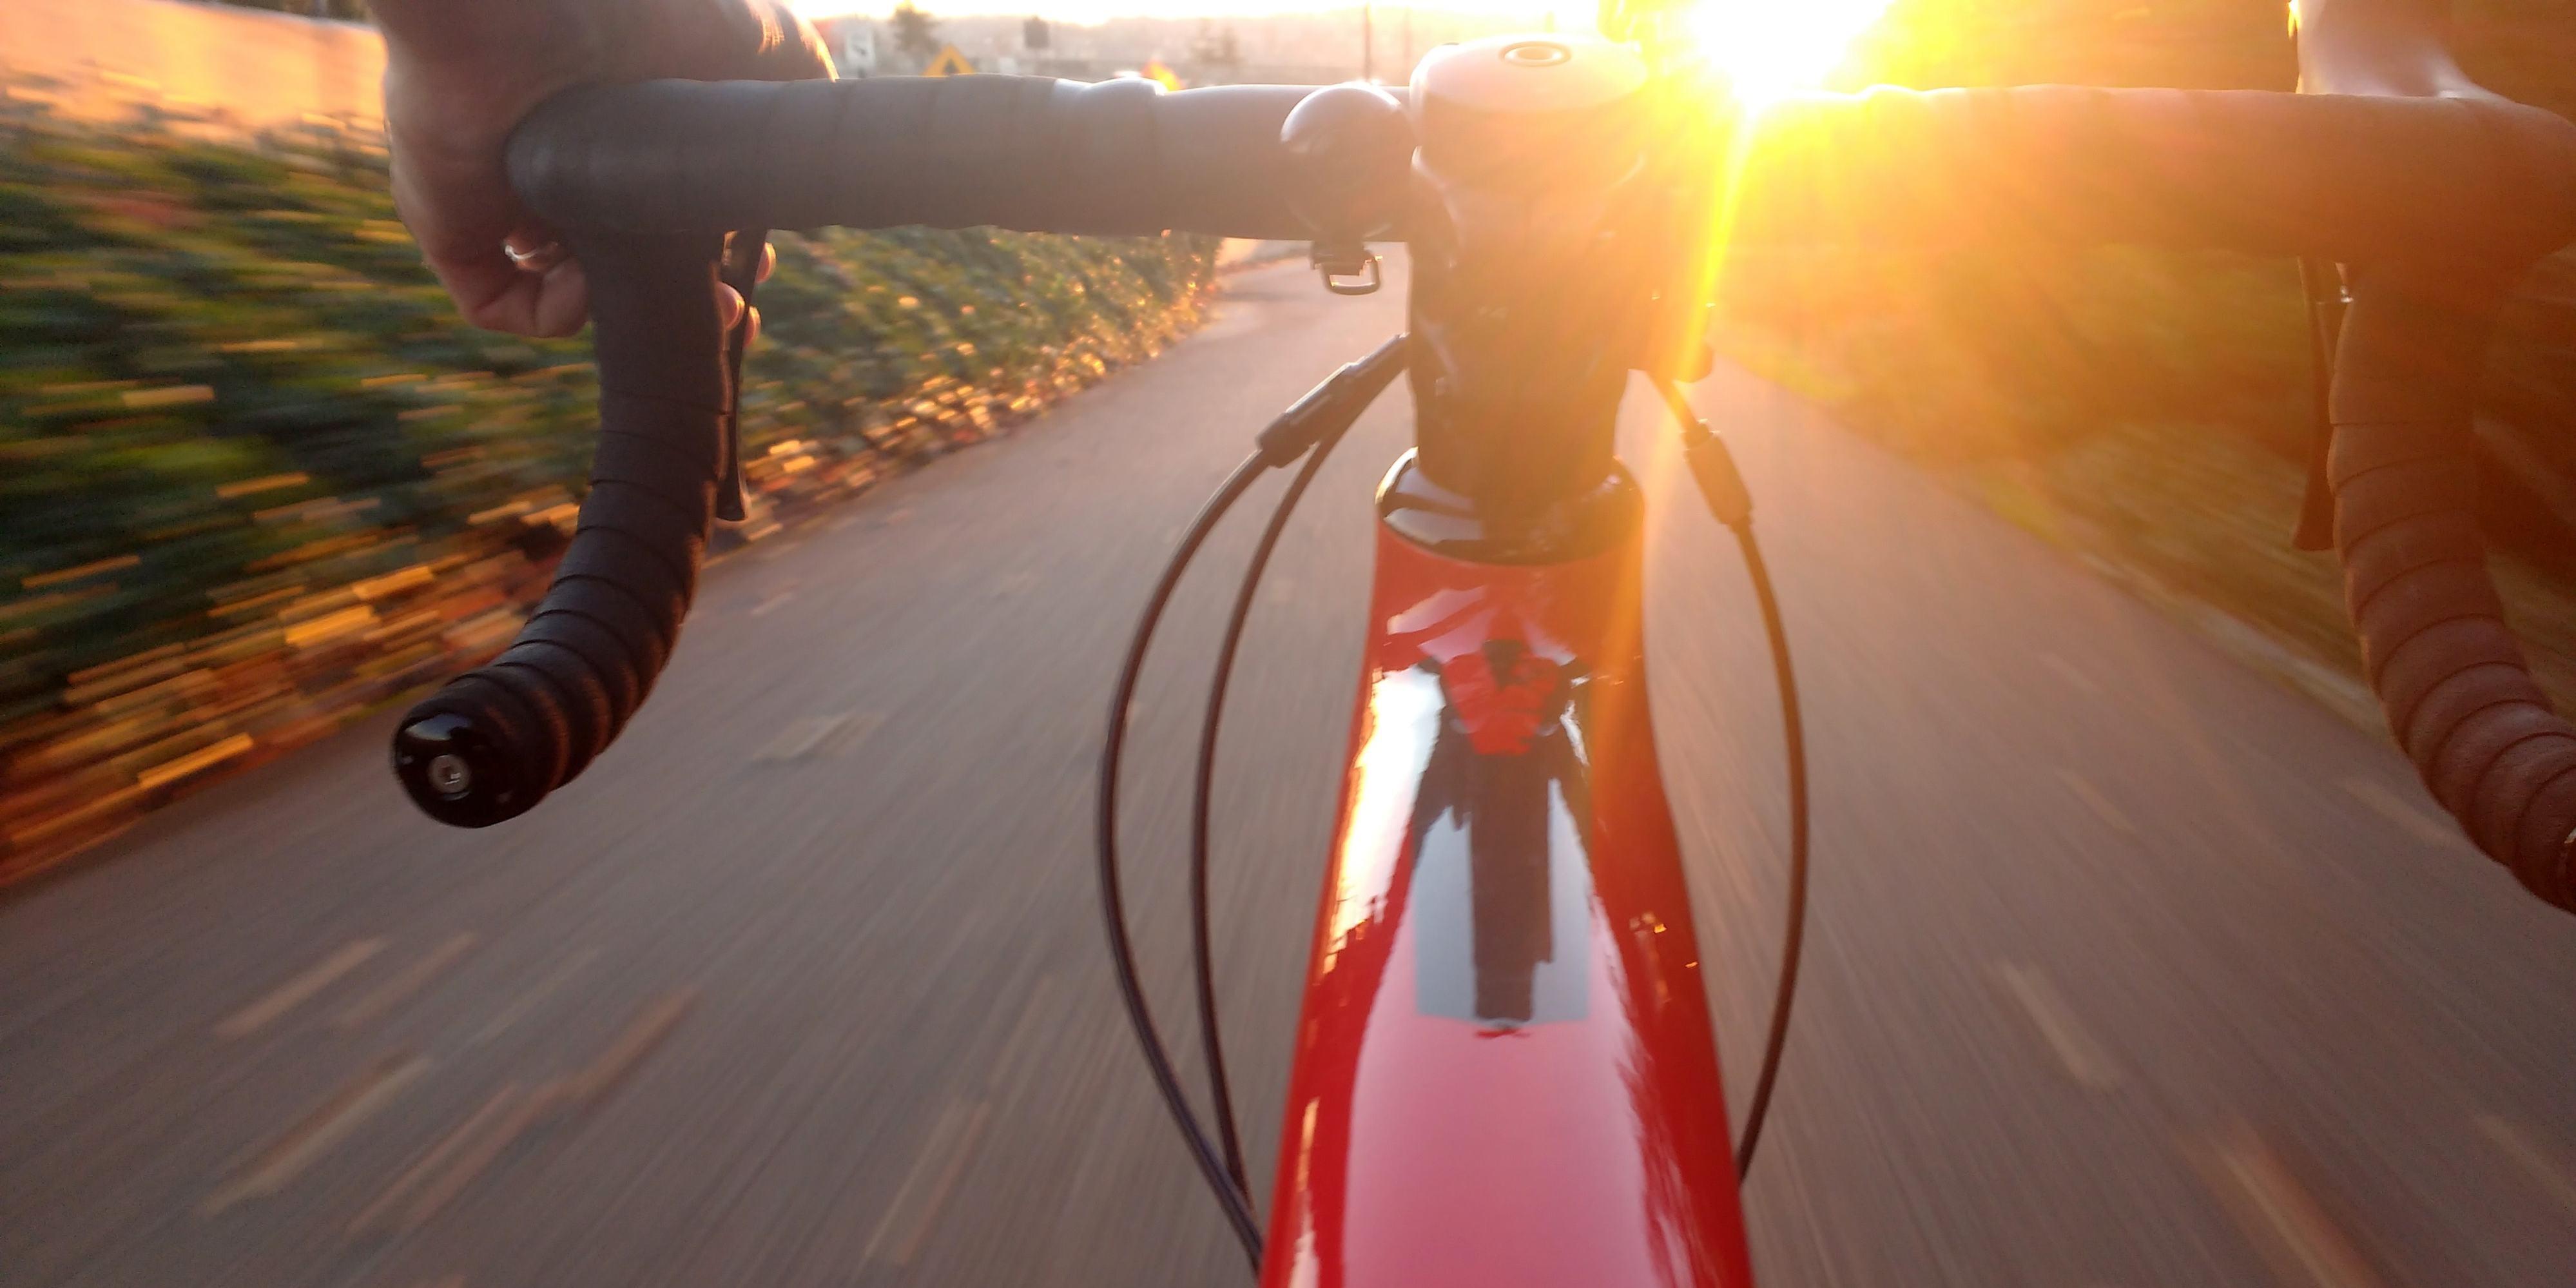 Progetto educativo per la scuola secondaria con attività ricreativa in bicicletta nel parco e attività di orientamento